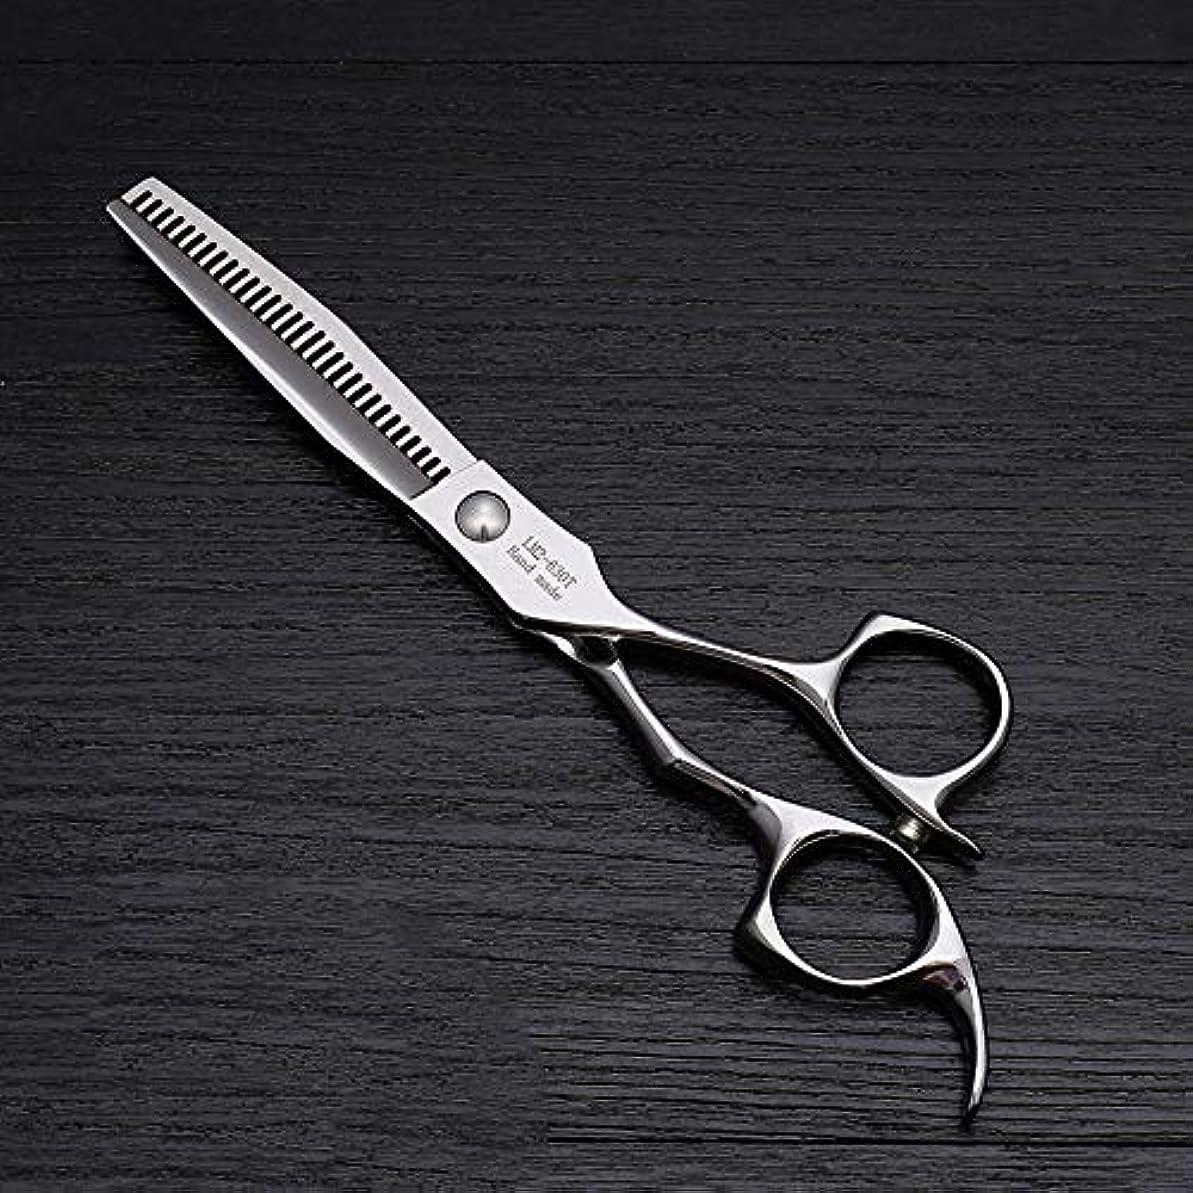 圧縮されたむちゃくちゃ執着6インチのステンレス鋼の理髪はさみ、美容院の毛の切断用具 ヘアケア (色 : Silver)